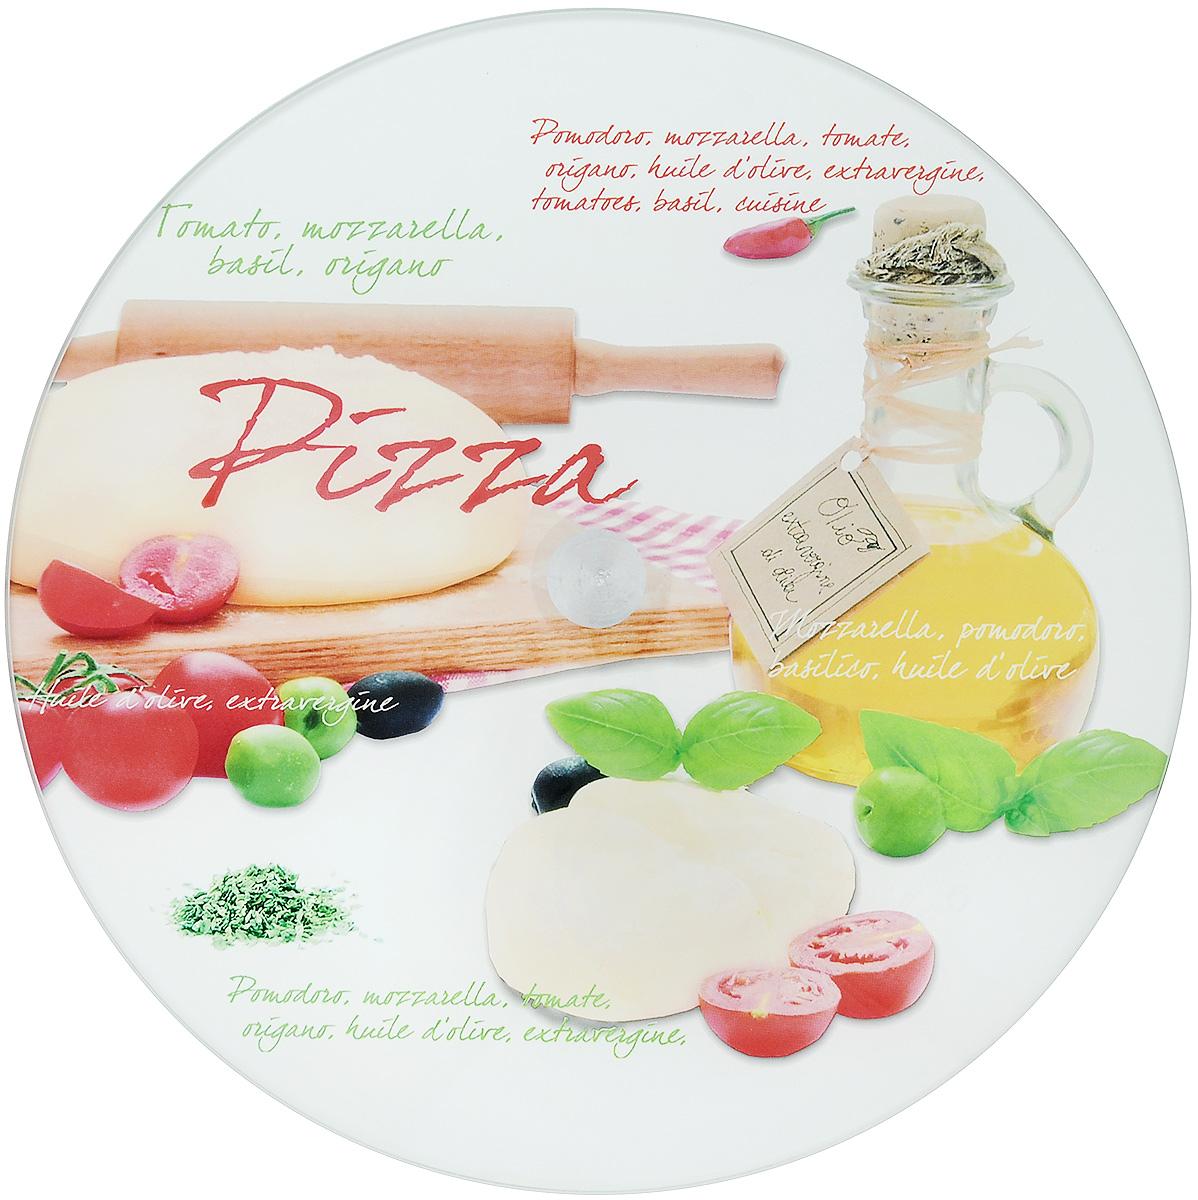 Блюдо для пиццы Арт-Дон, вращающееся, диаметр 30 смVT-1520(SR)Круглое блюдо для торта Арт-Дон изготовлено из стекла и оформлено яркими рисунками и надписями. Блюдо прекрасно подходит для подачи пицц, тортов, пирогов и пирожных. Изделие оснащено ножкой с вращающим механизмом.Изысканное оригинальное блюдо прекрасно подойдет для сервировки стола и удивит ваших гостей необычной формой и дизайном.Диаметр блюда: 30 см.Высота блюда: 2 см.